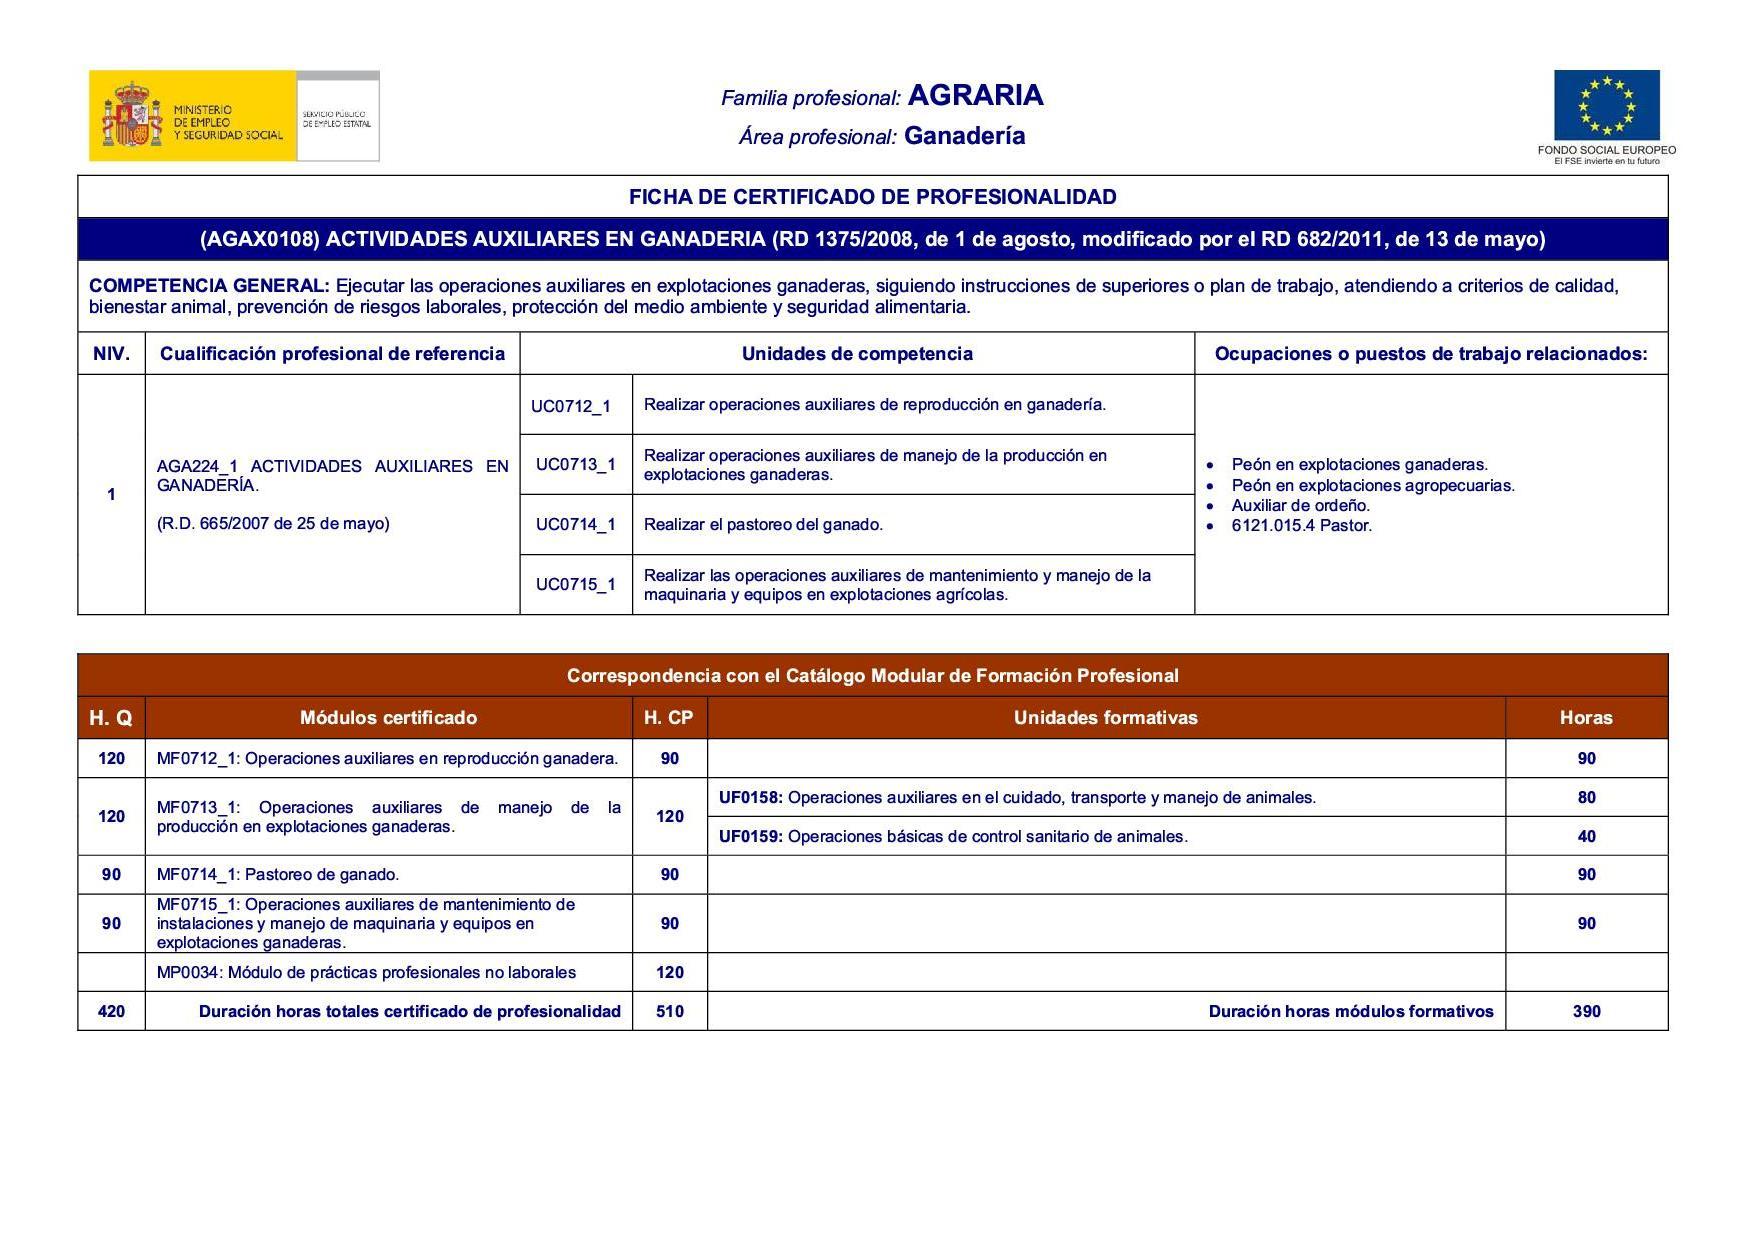 AGAX0108